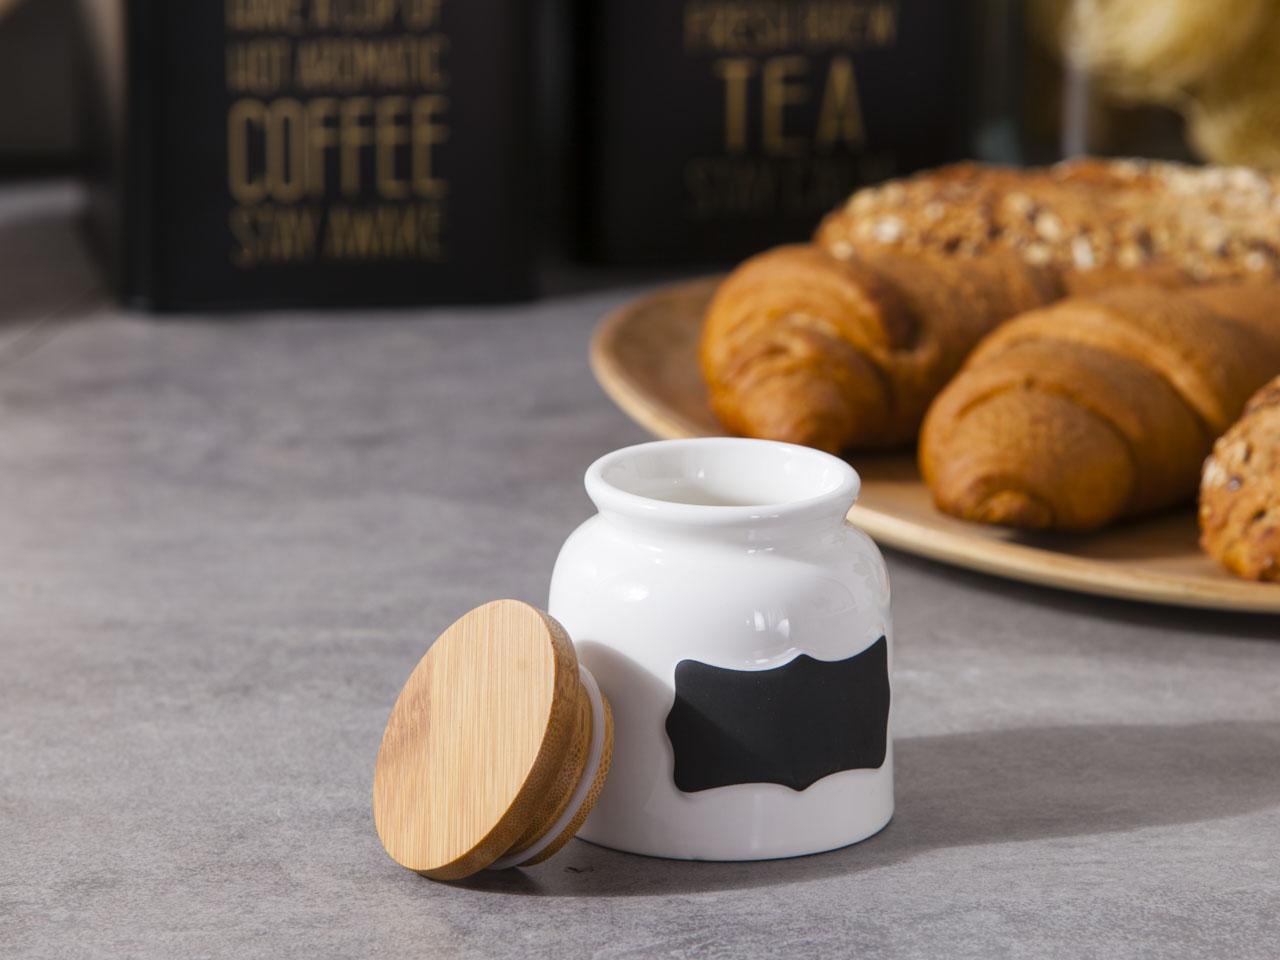 Słoik / pojemnik do przechowywania porcelanowy z bambusową pokrywką Altom Design Regular 200 ml / 8x9 cm